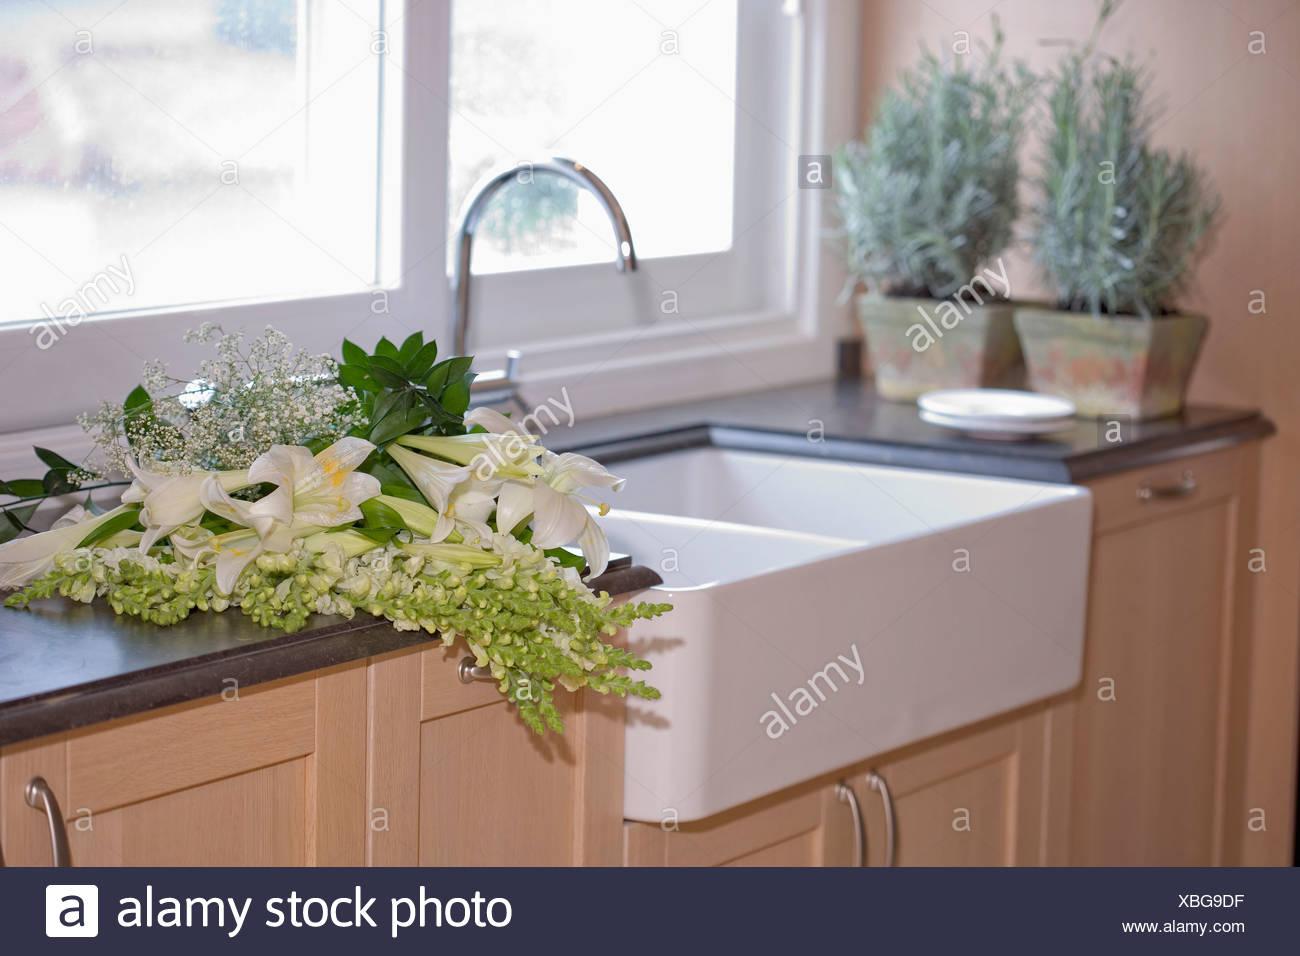 Lavello Cucina In Porcellana gigli bianchi fiori su unità da cucina con piano di lavoro